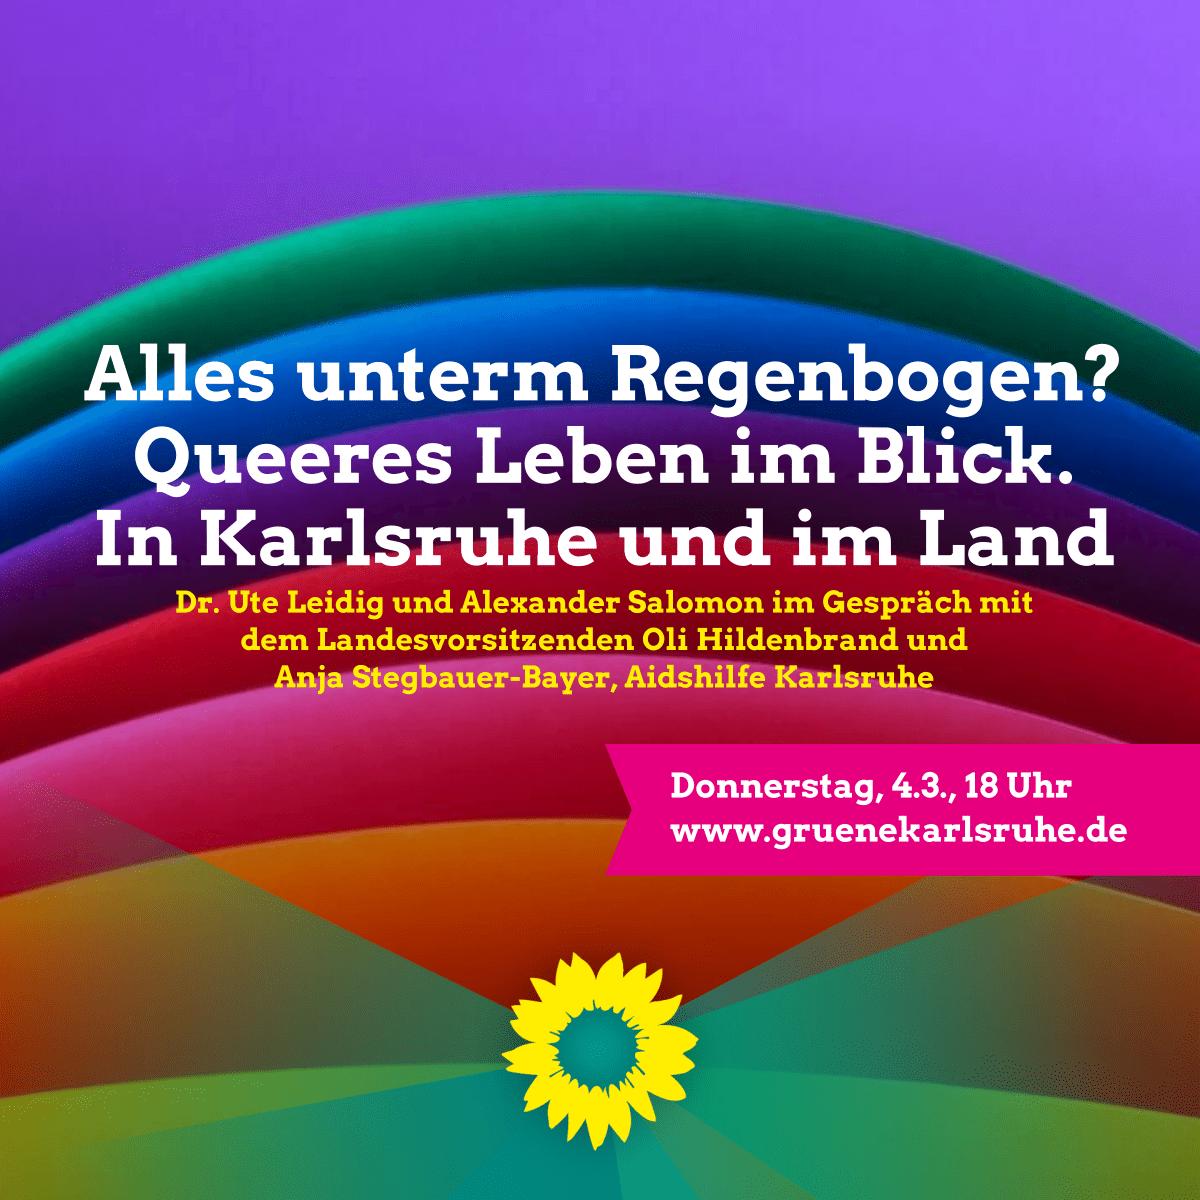 """""""Alles unterm Regenbogen? Queeres Leben im Blick. In Karlsruhe und im Land"""""""